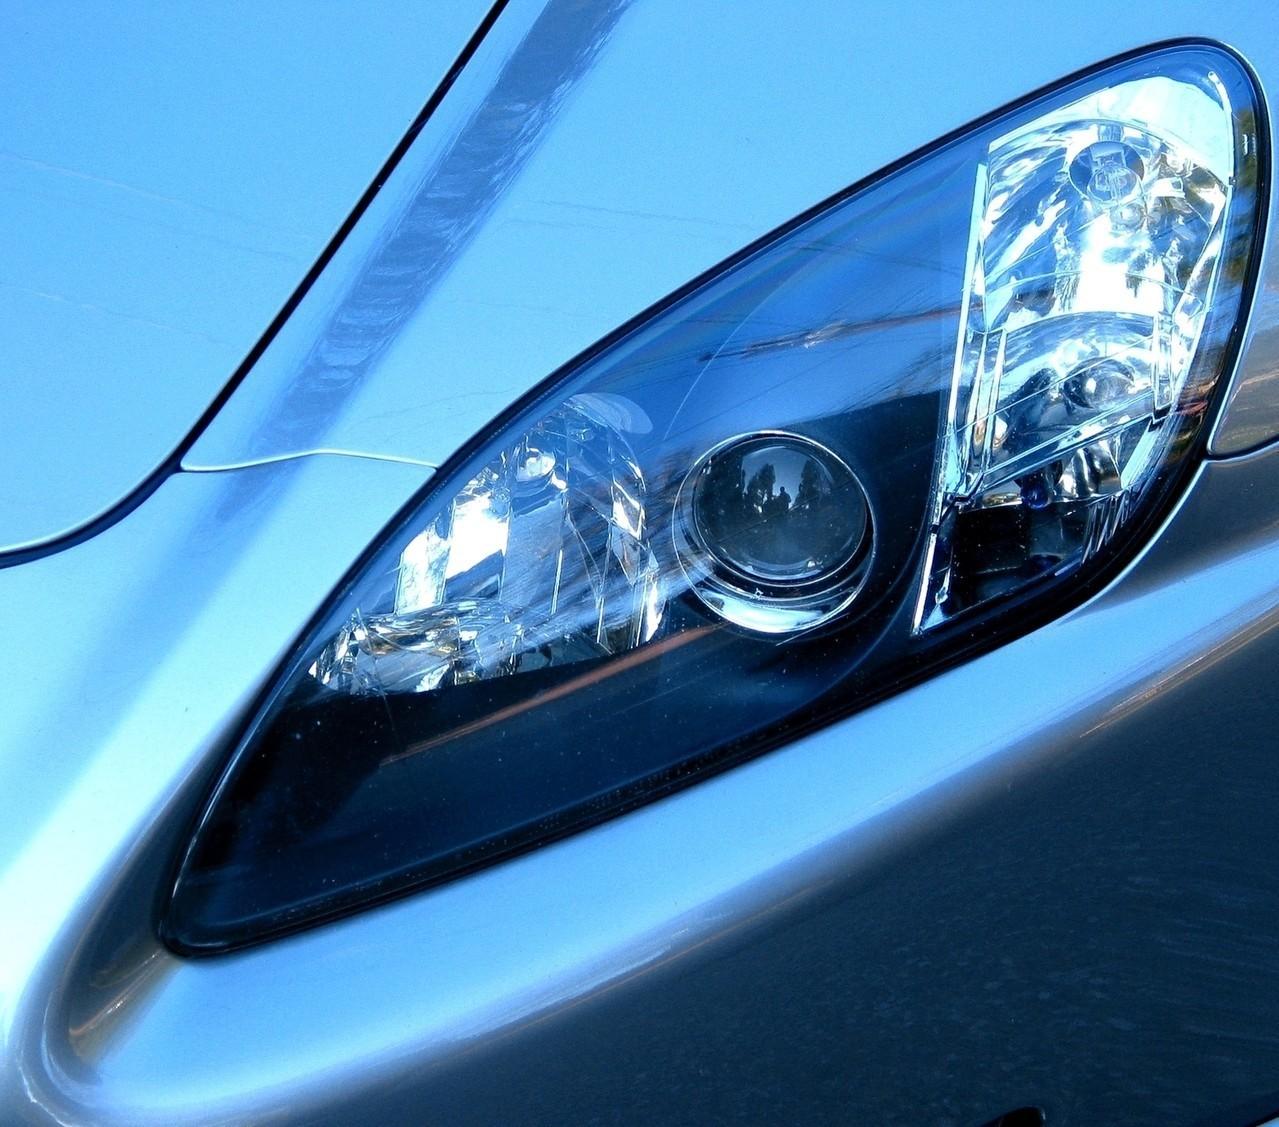 Wynajem samochodów – oferta na długi okres trwania